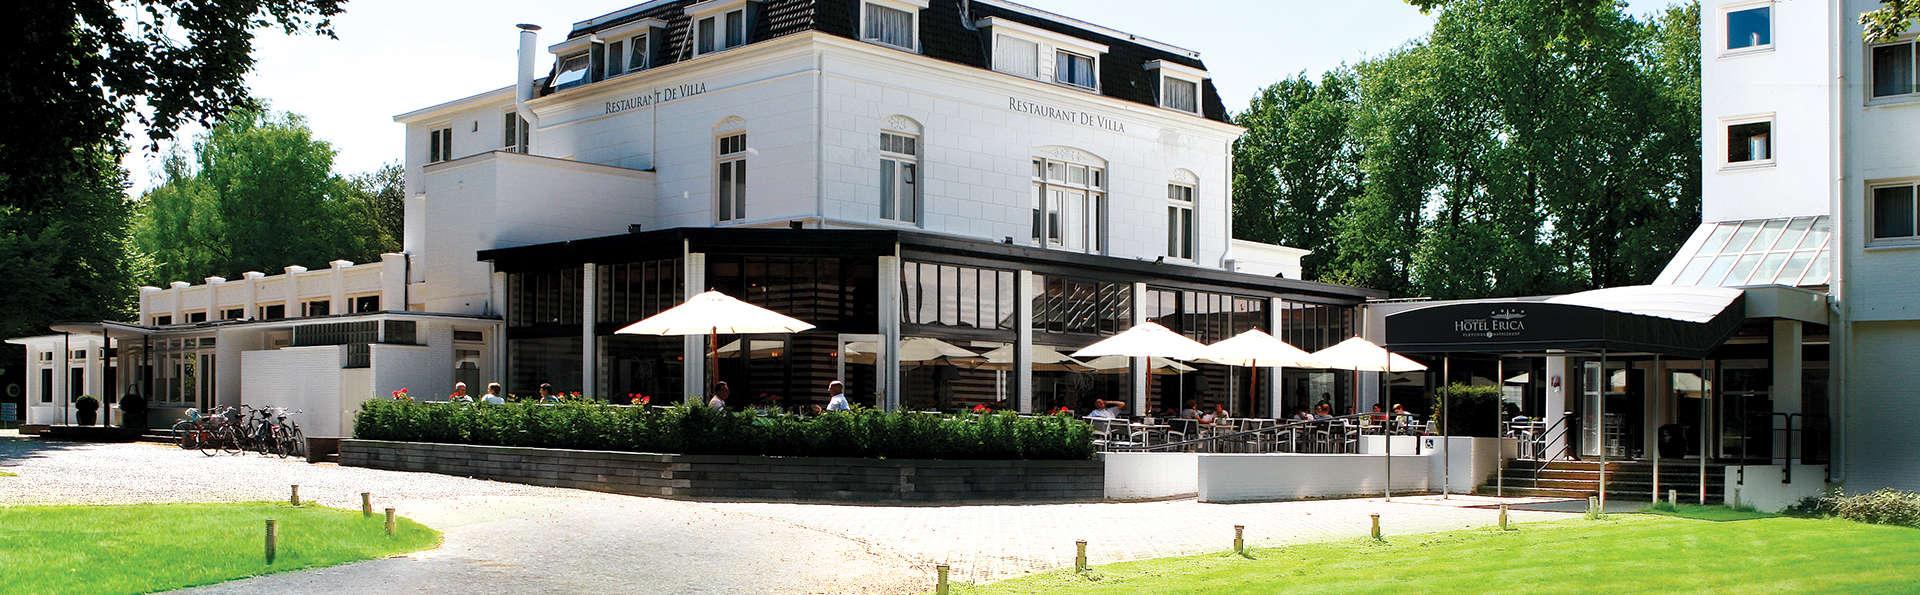 Fletcher Hotel-Restaurant Erica - Edit_Front.jpg